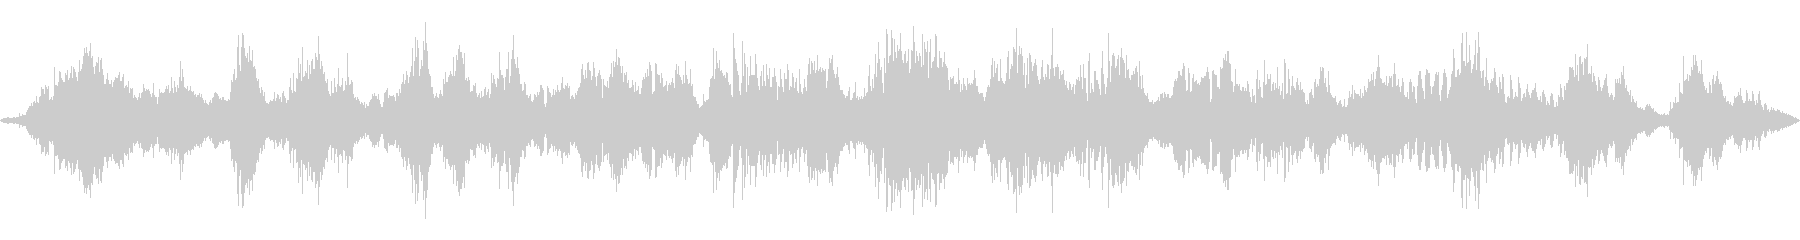 リラックスできる音楽の未再生の波形